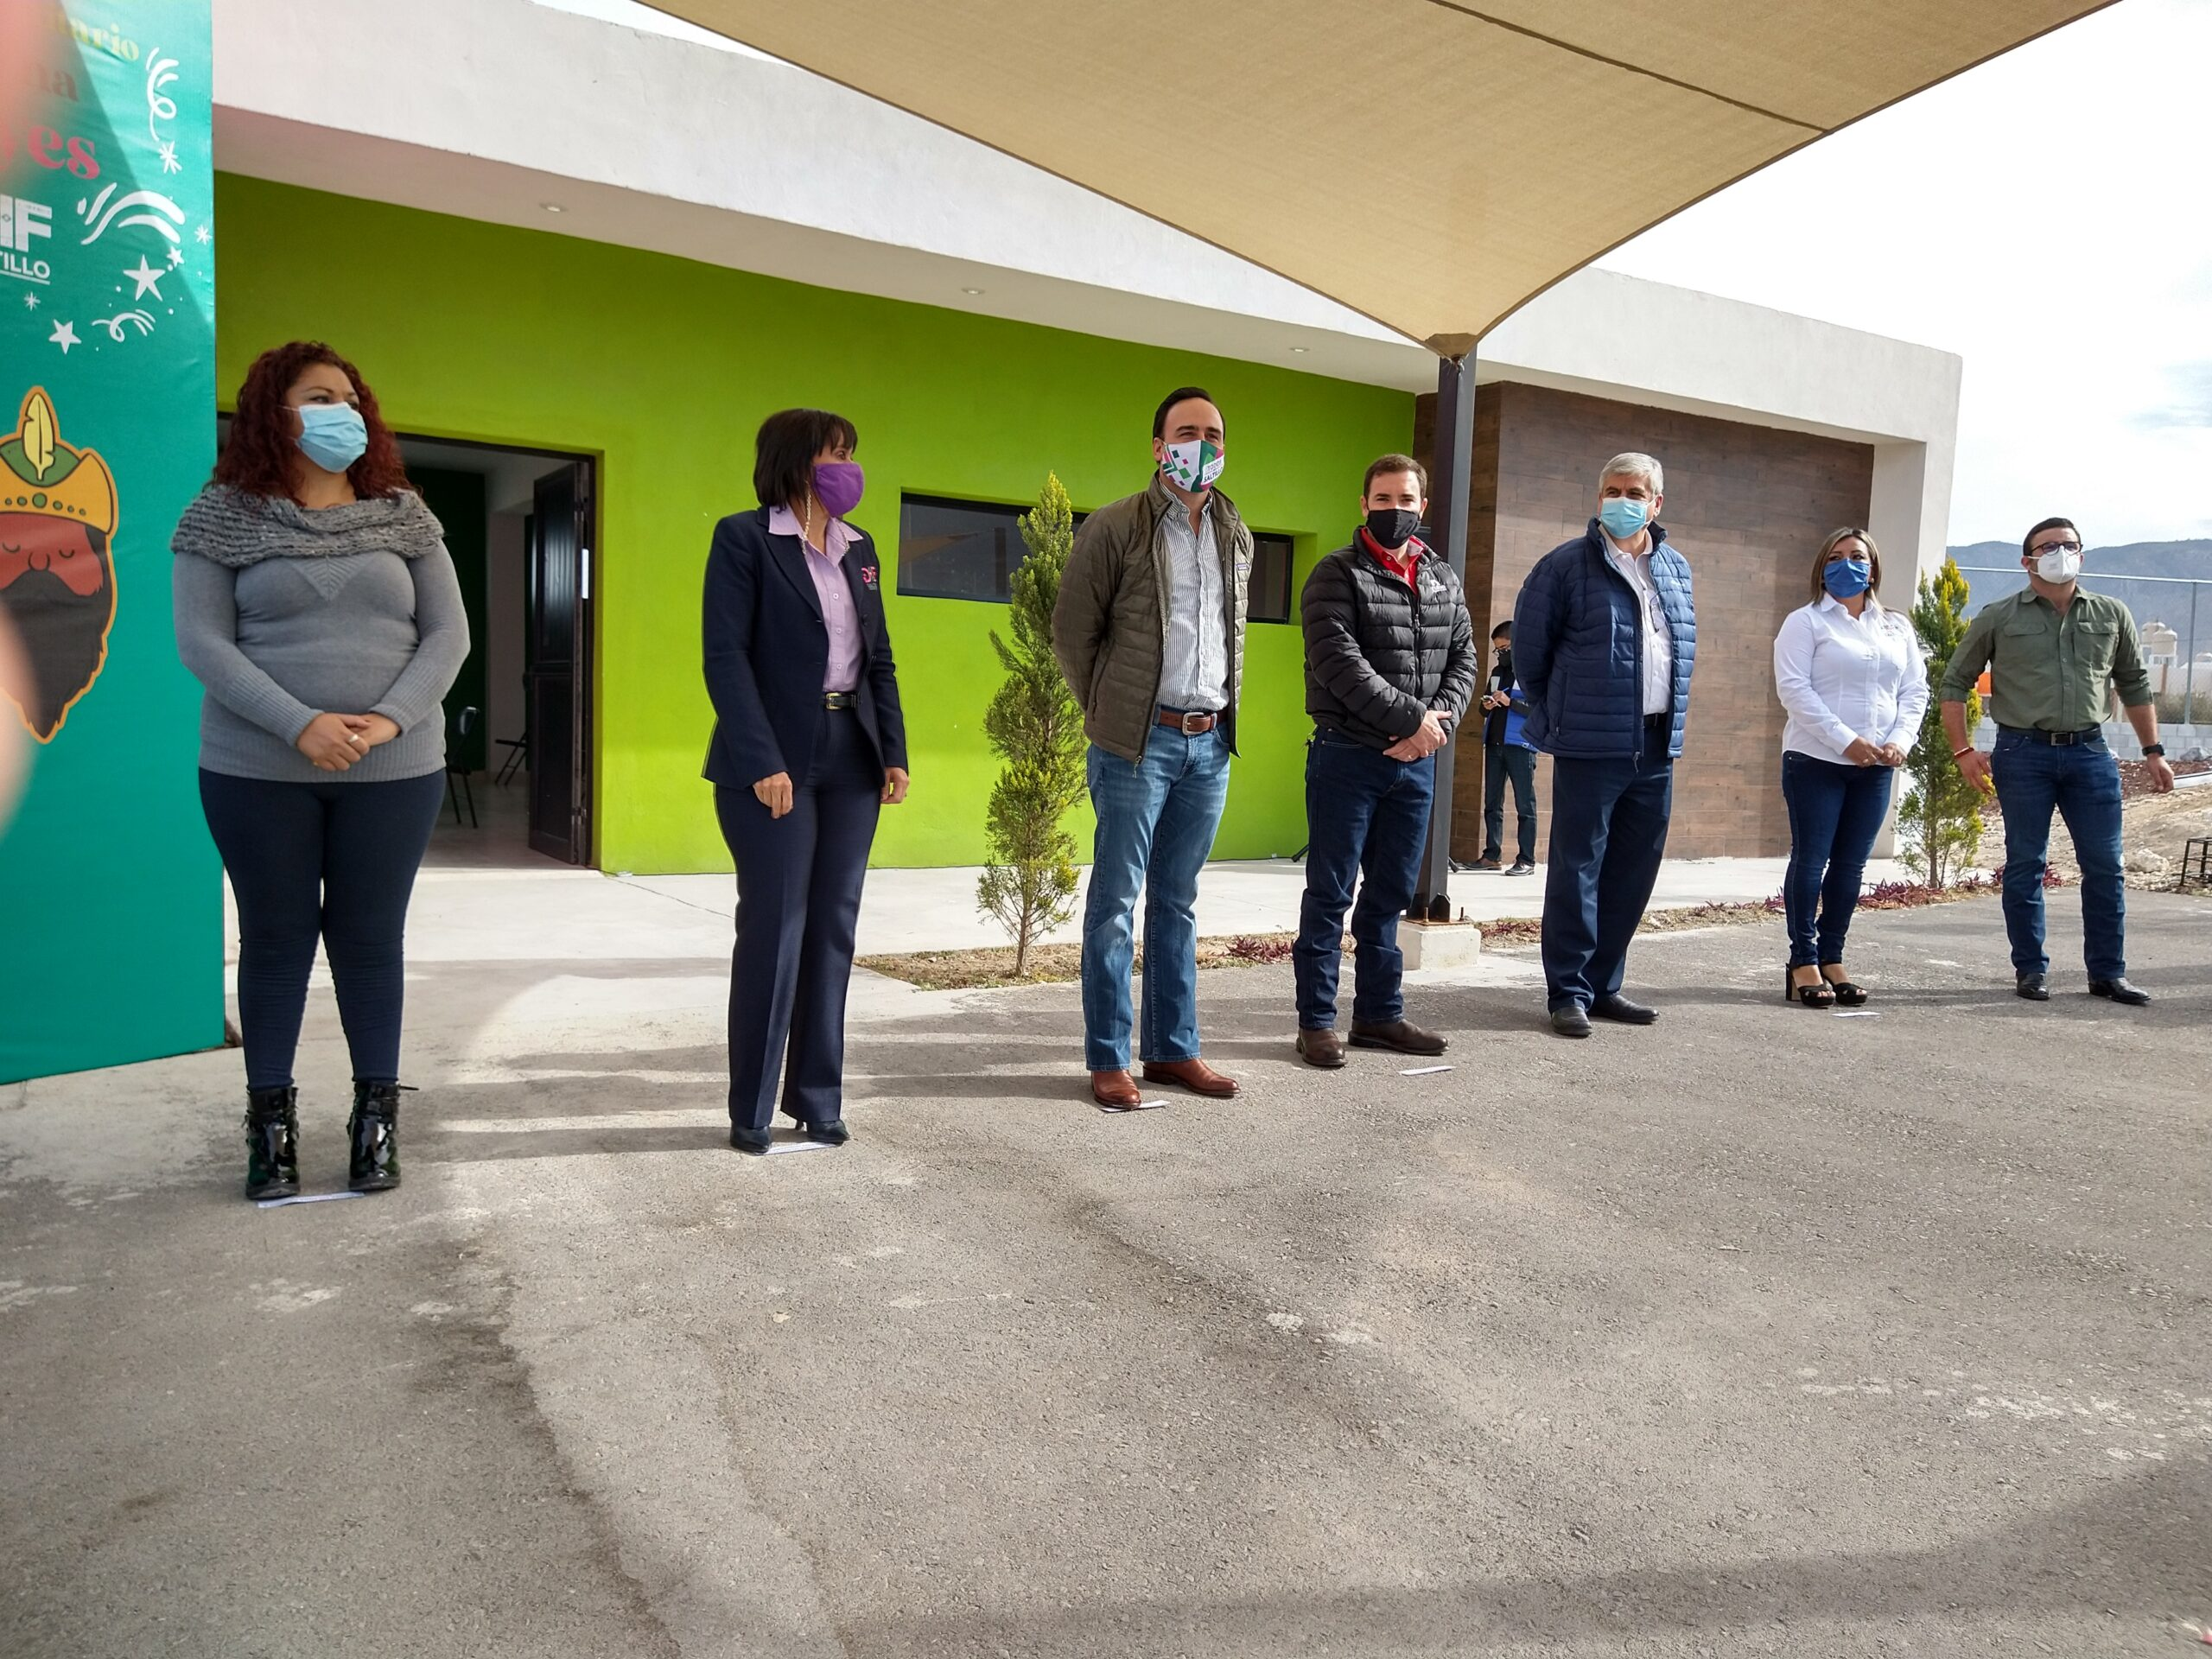 Inaugura Manolo centro comunitario al sur de Saltillo